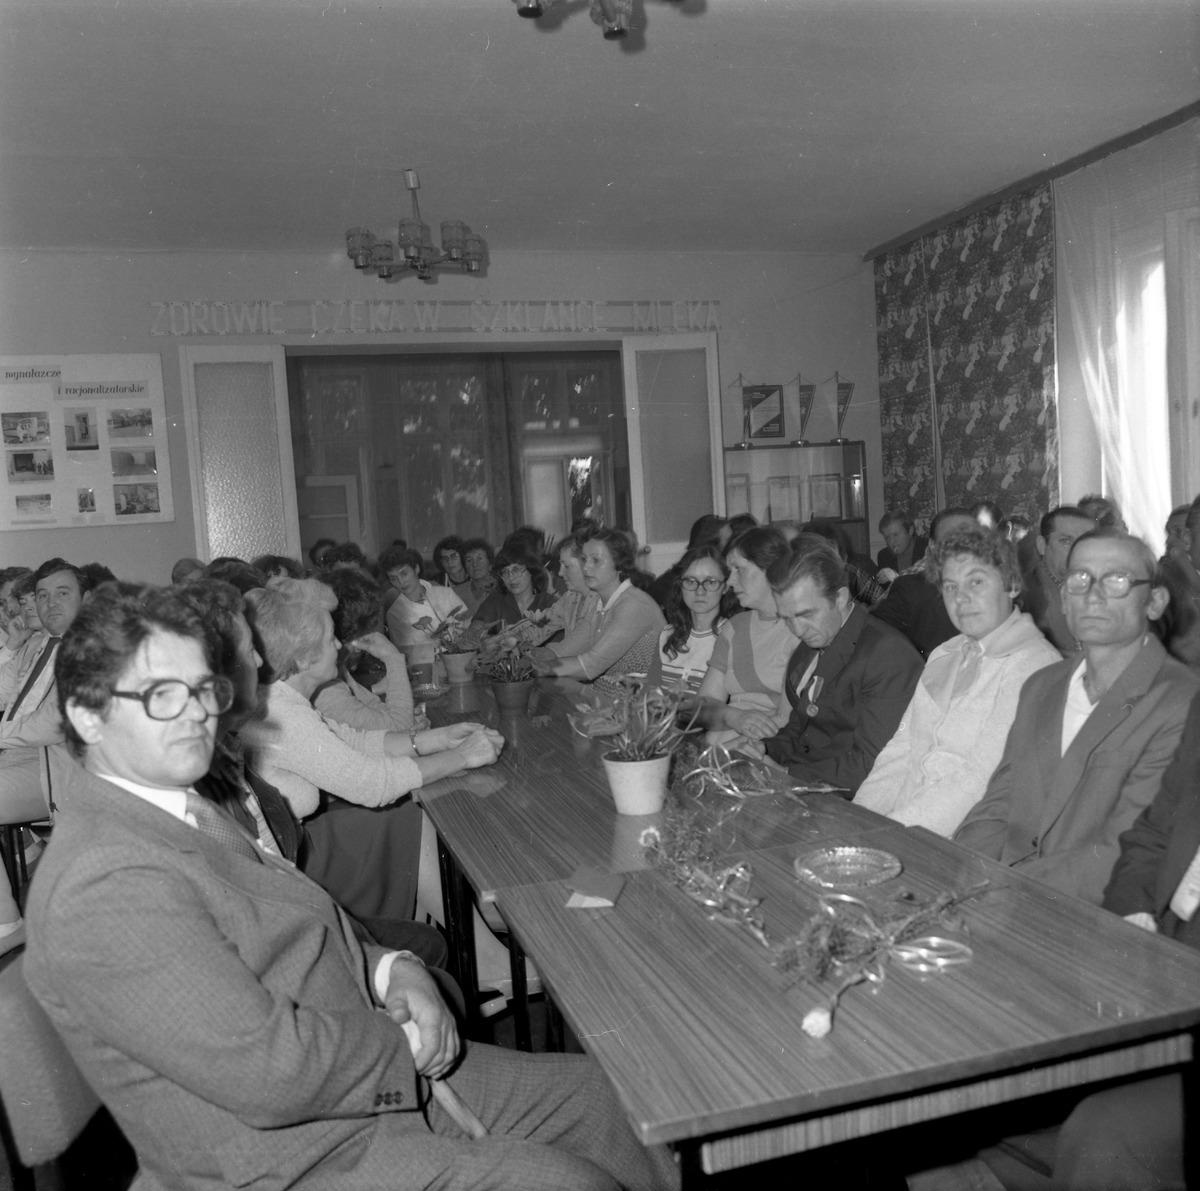 Spotkanie jubileuszowe w Mleczarni, 1985 r. [2]